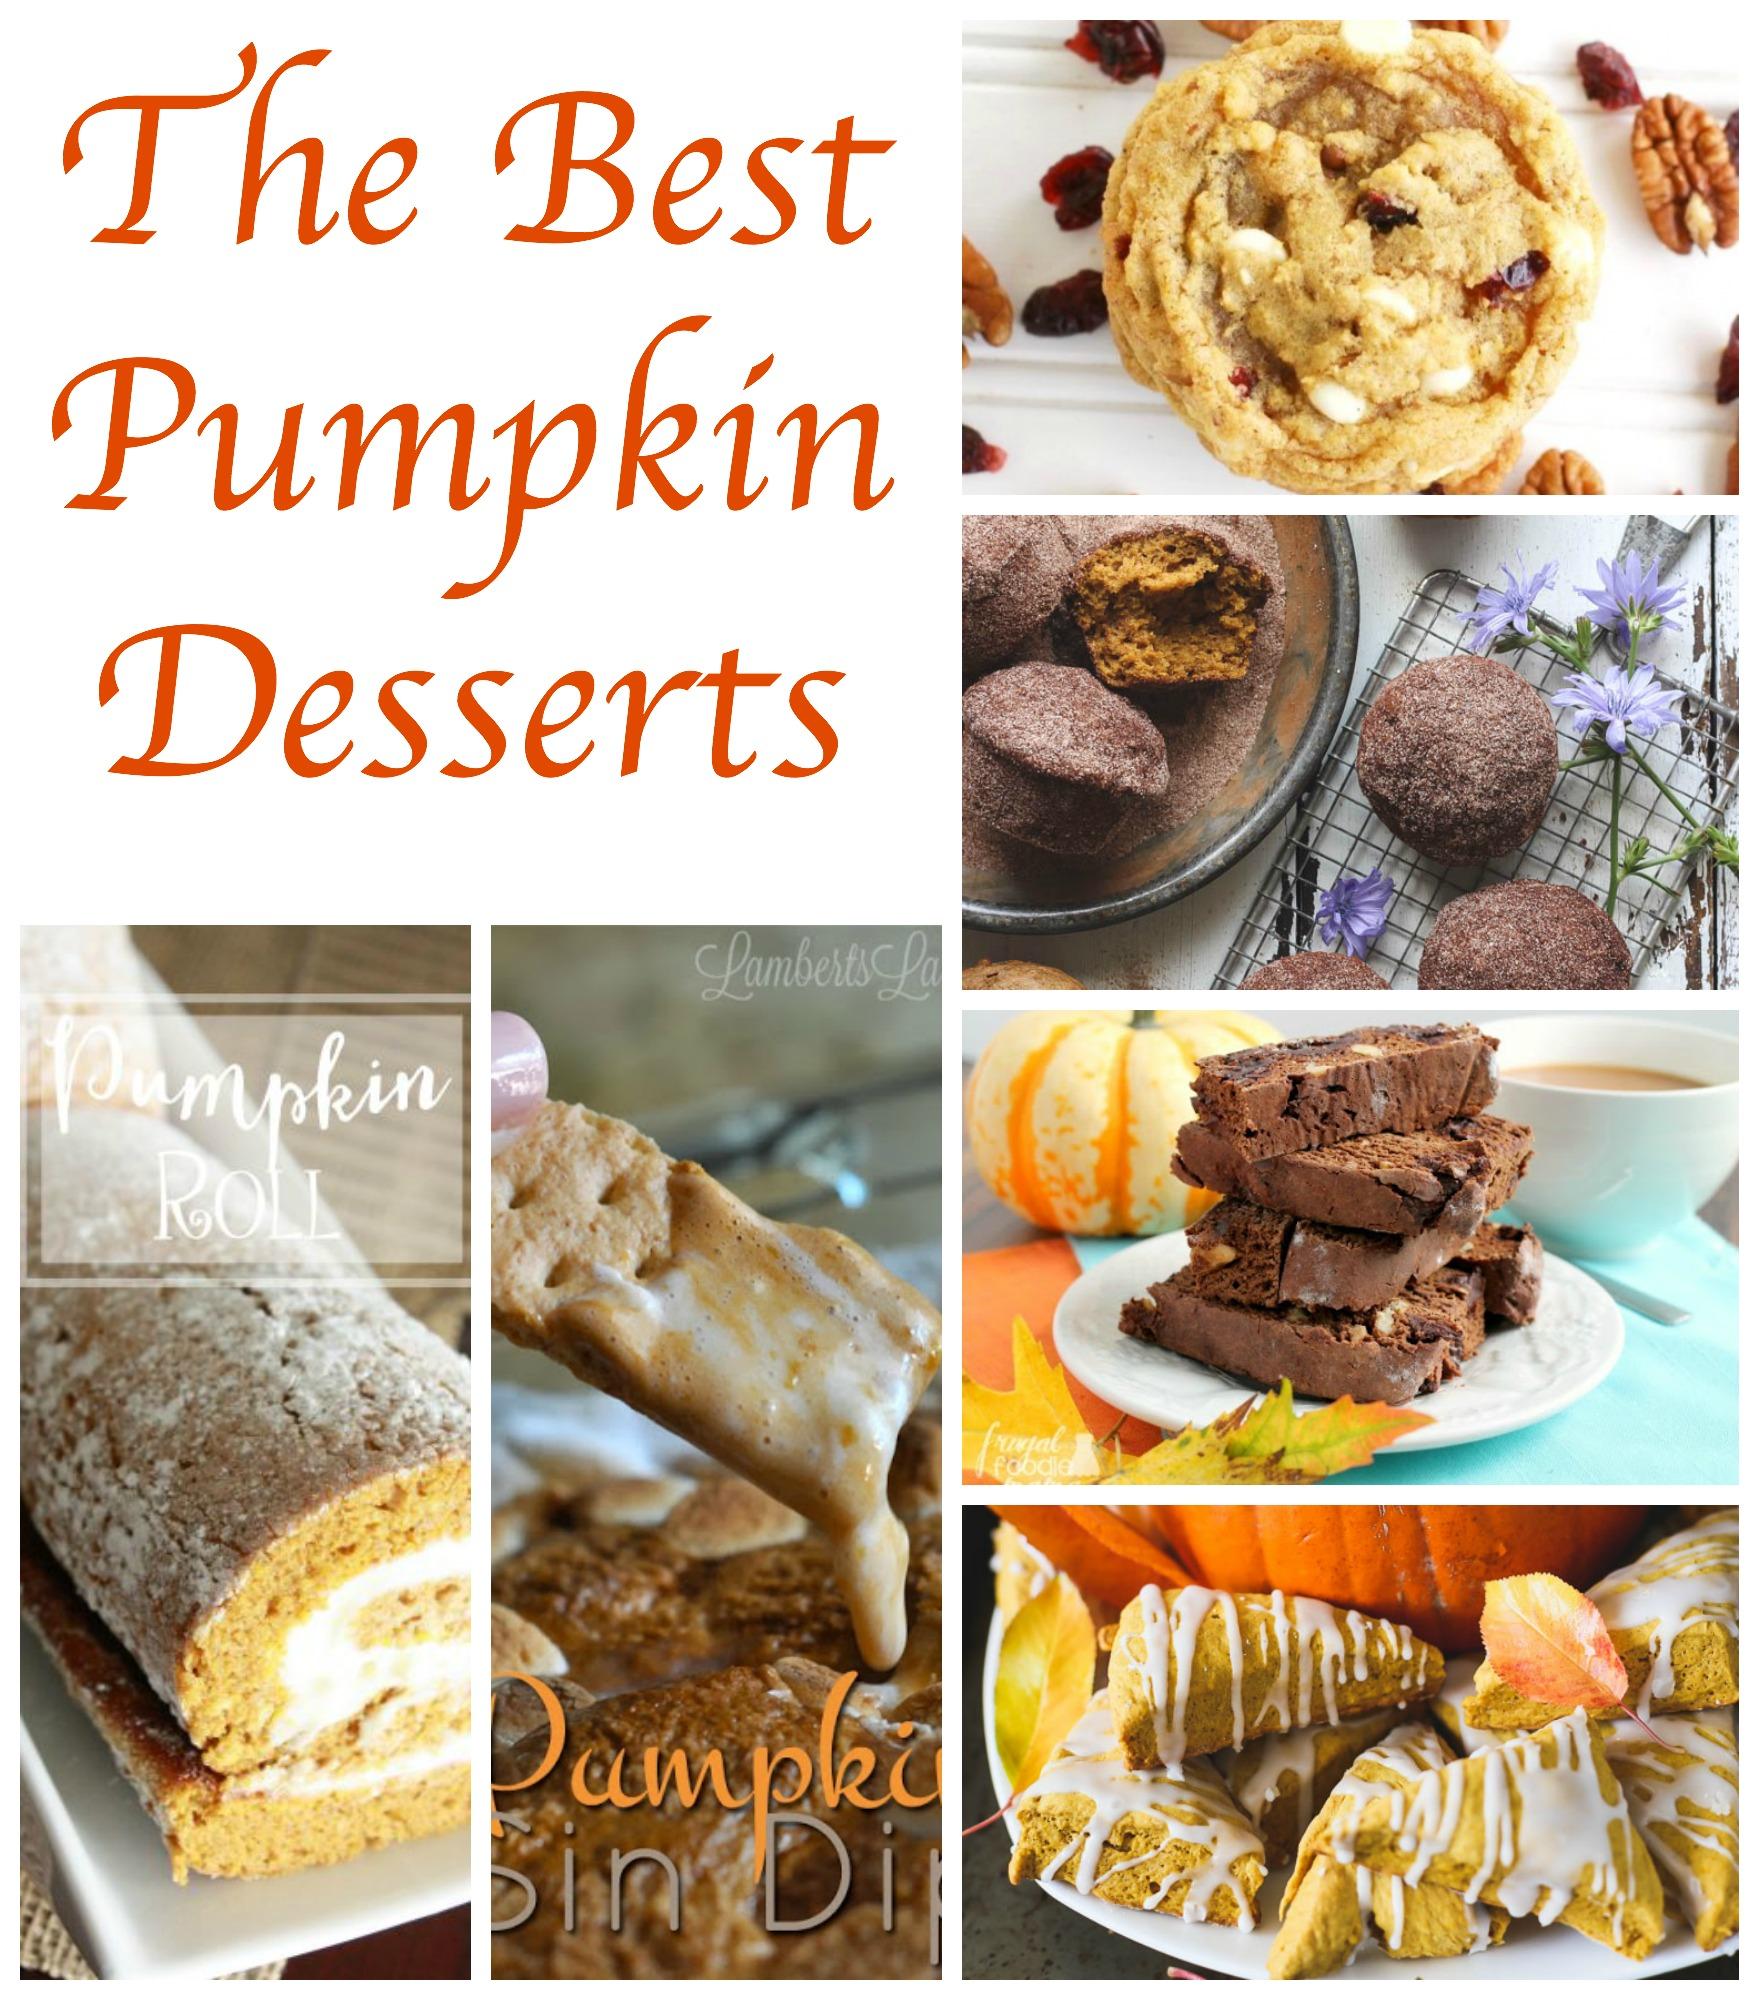 Great Pumpkin Dessert Recipe: The Best Pumpkin Desserts